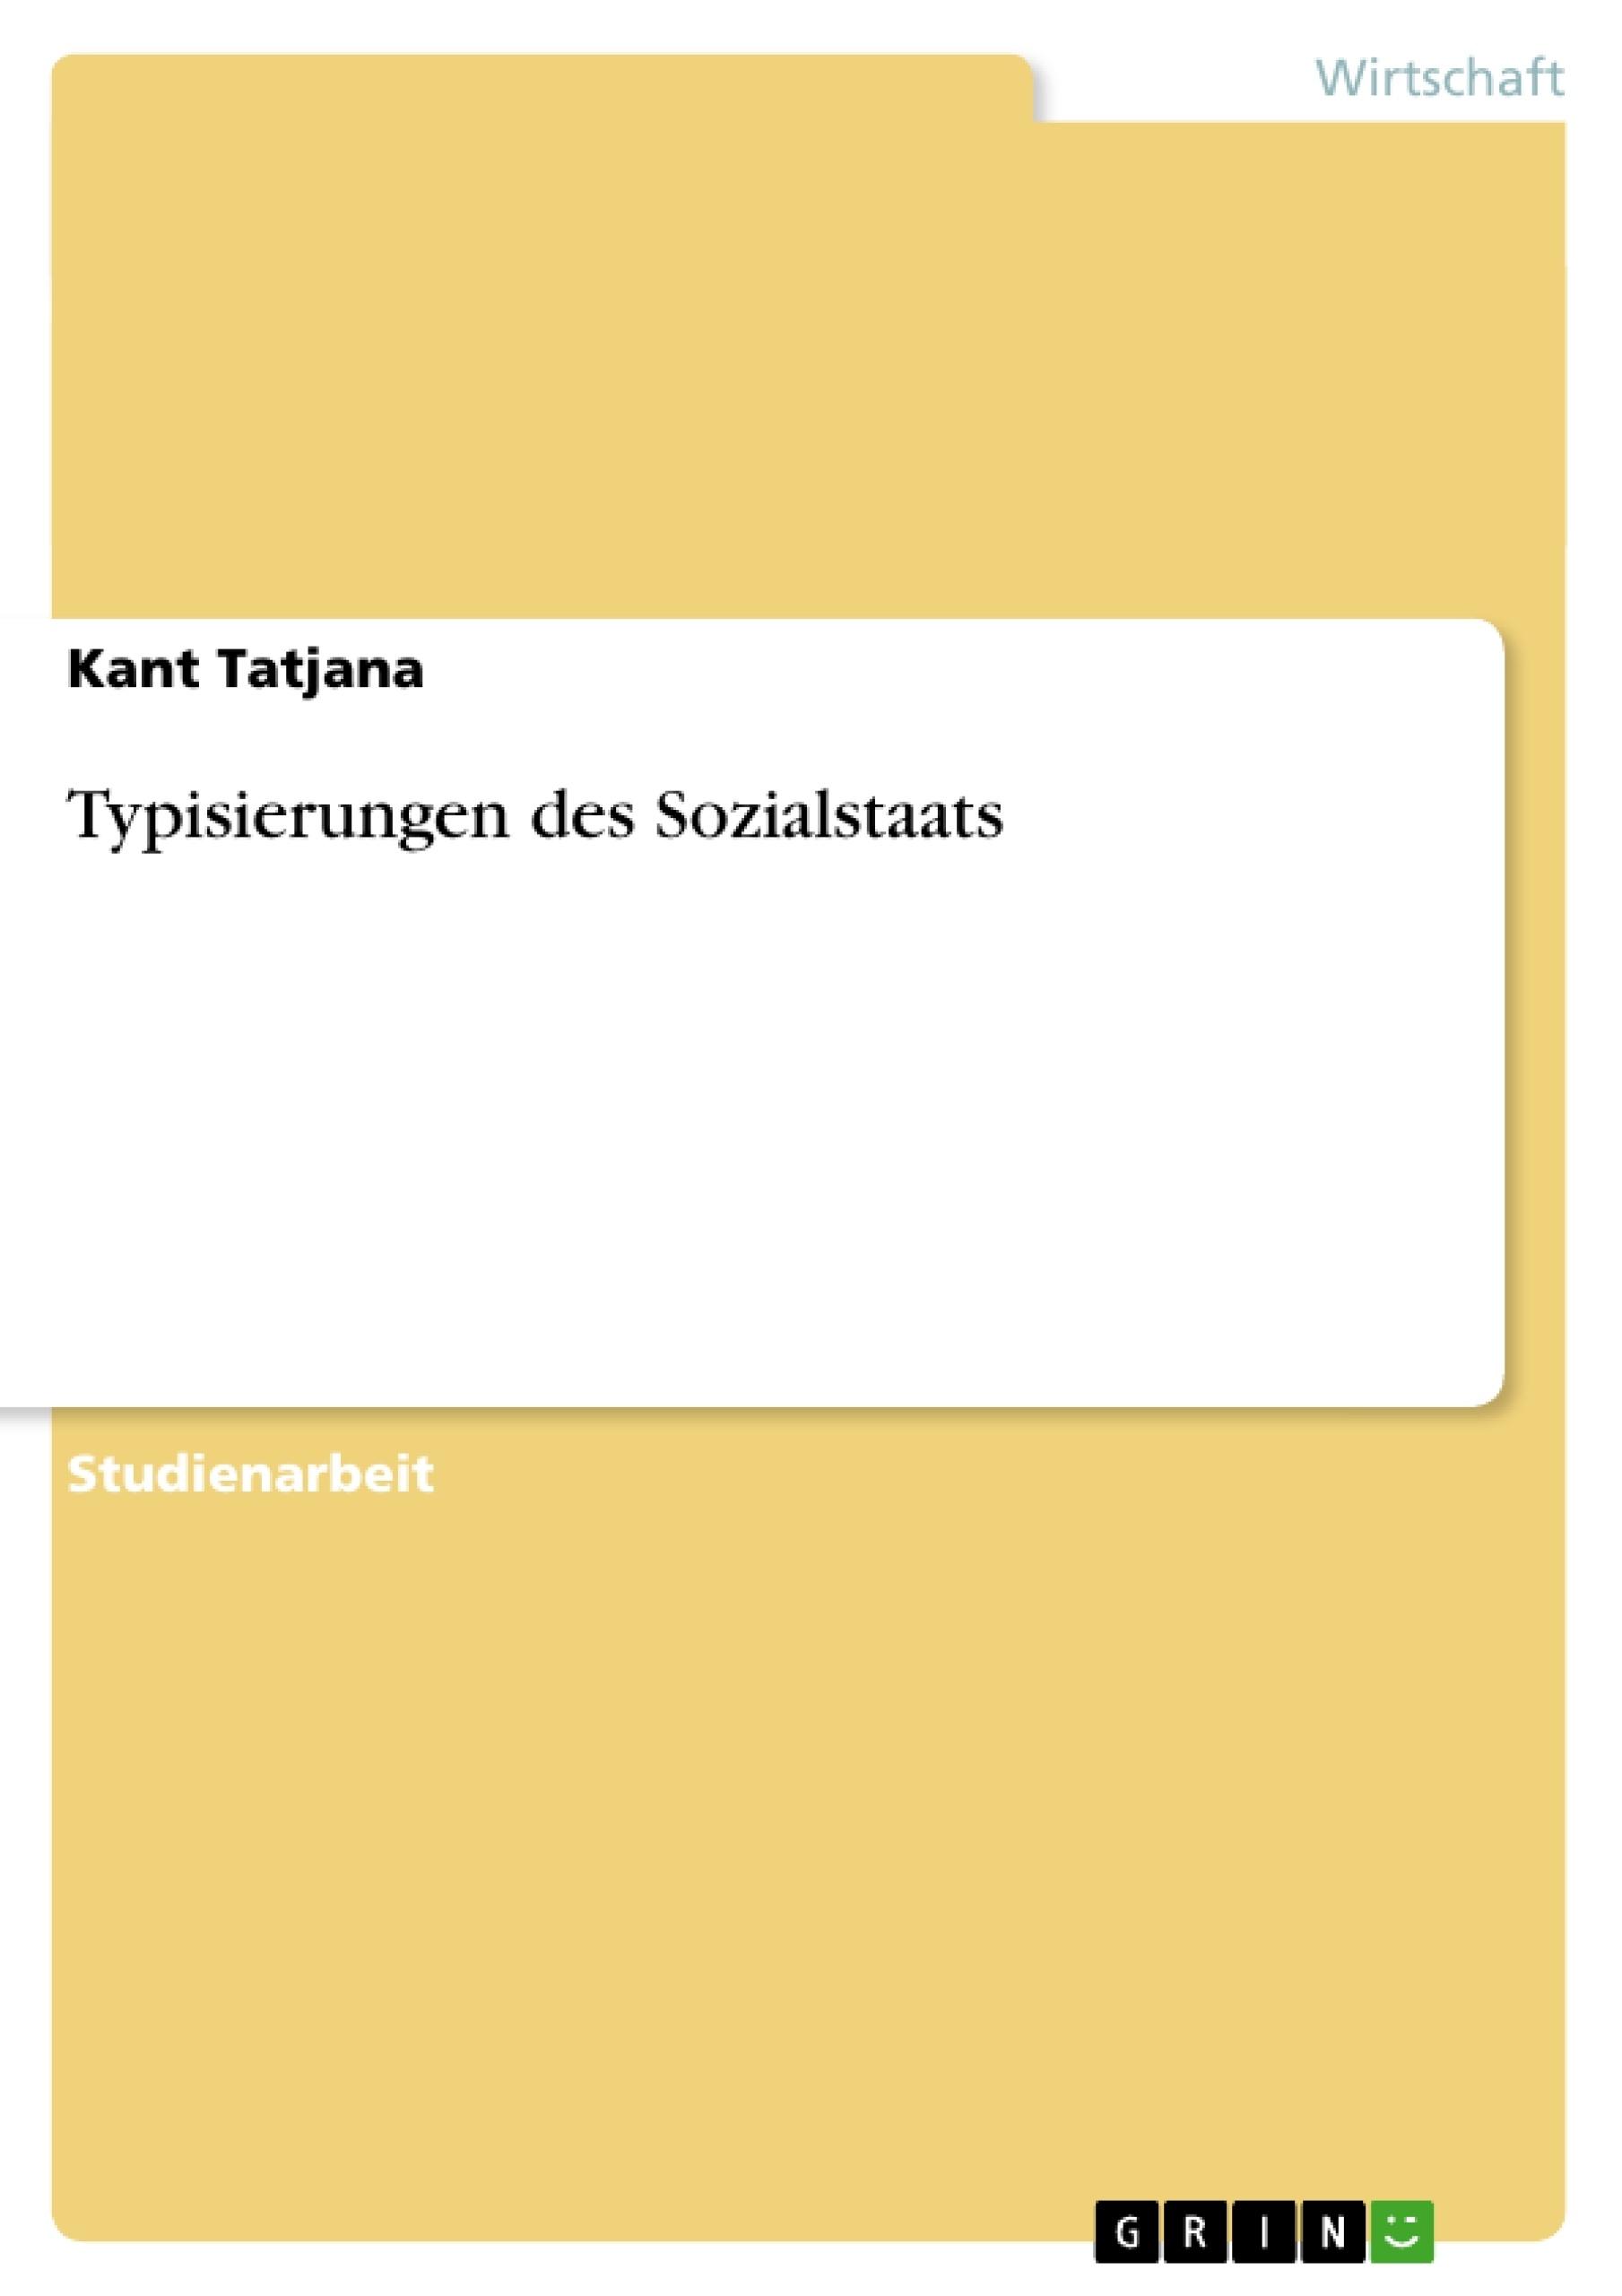 Titel: Typisierungen des Sozialstaats